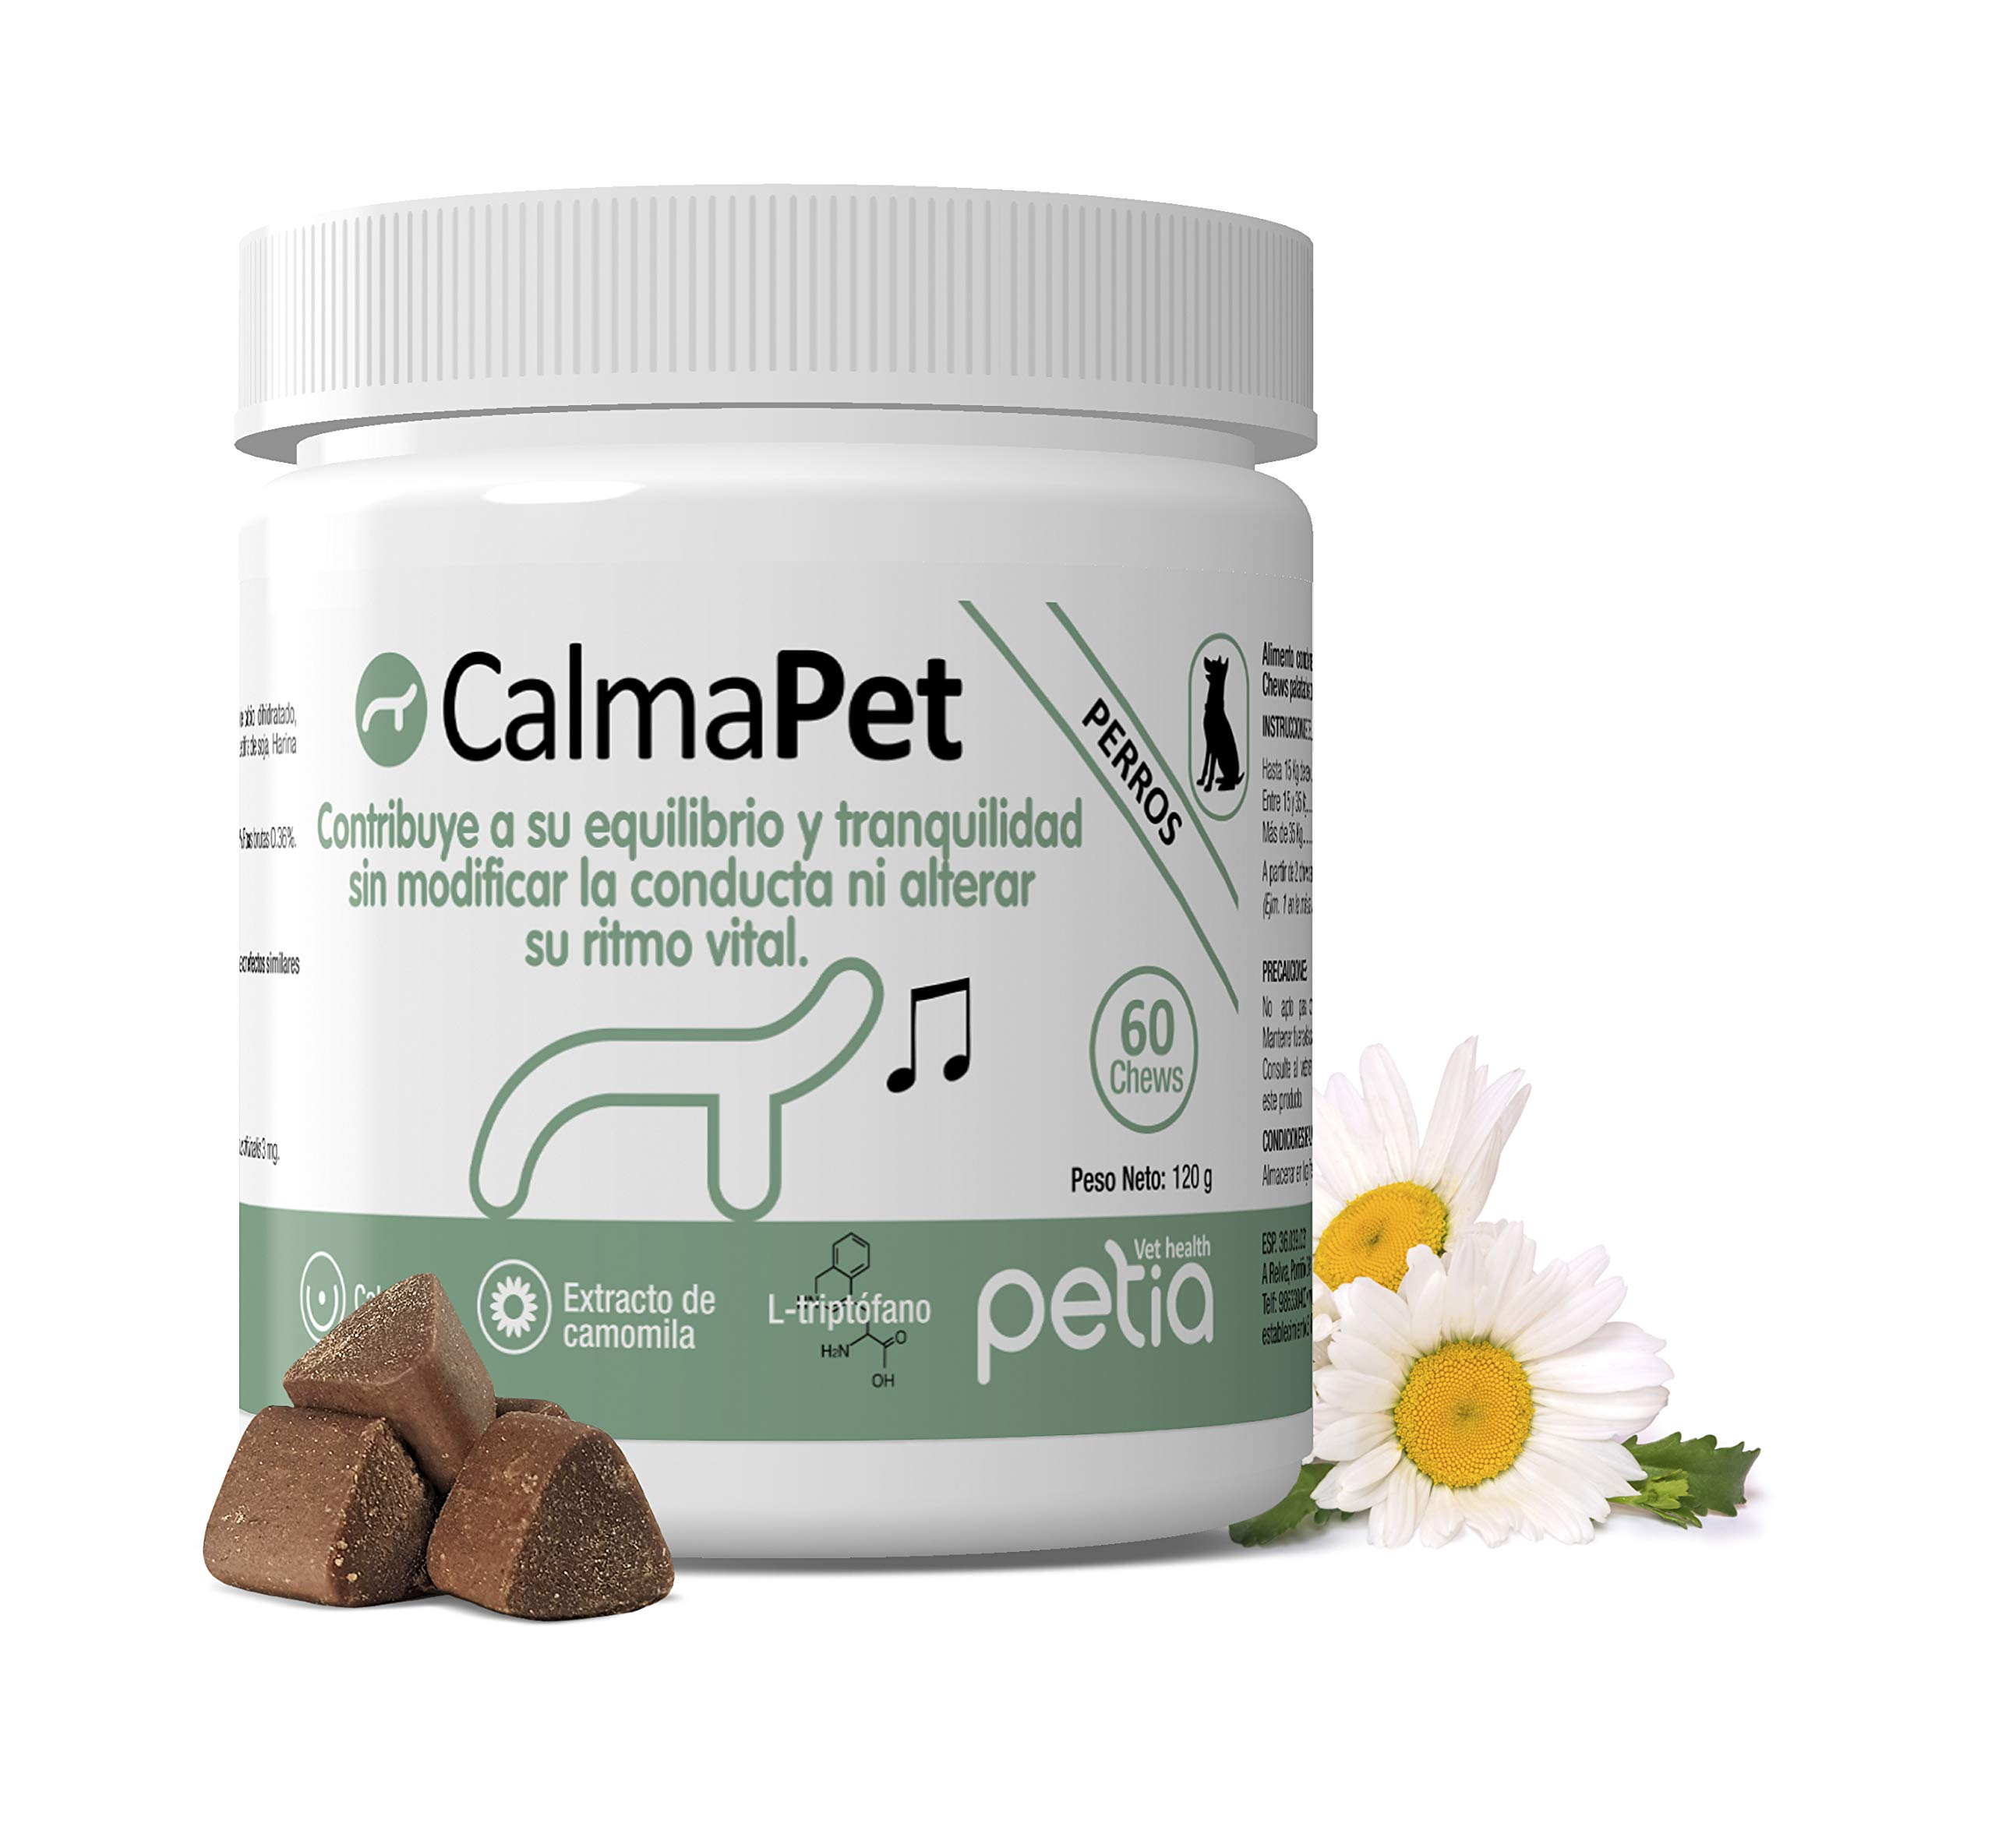 Petia Vet Health CALMAPET. (Complemento alimenticio para Perros y Gatos. 60 Chews. Sin Efectos Secundarios): Amazon.es: Productos para mascotas